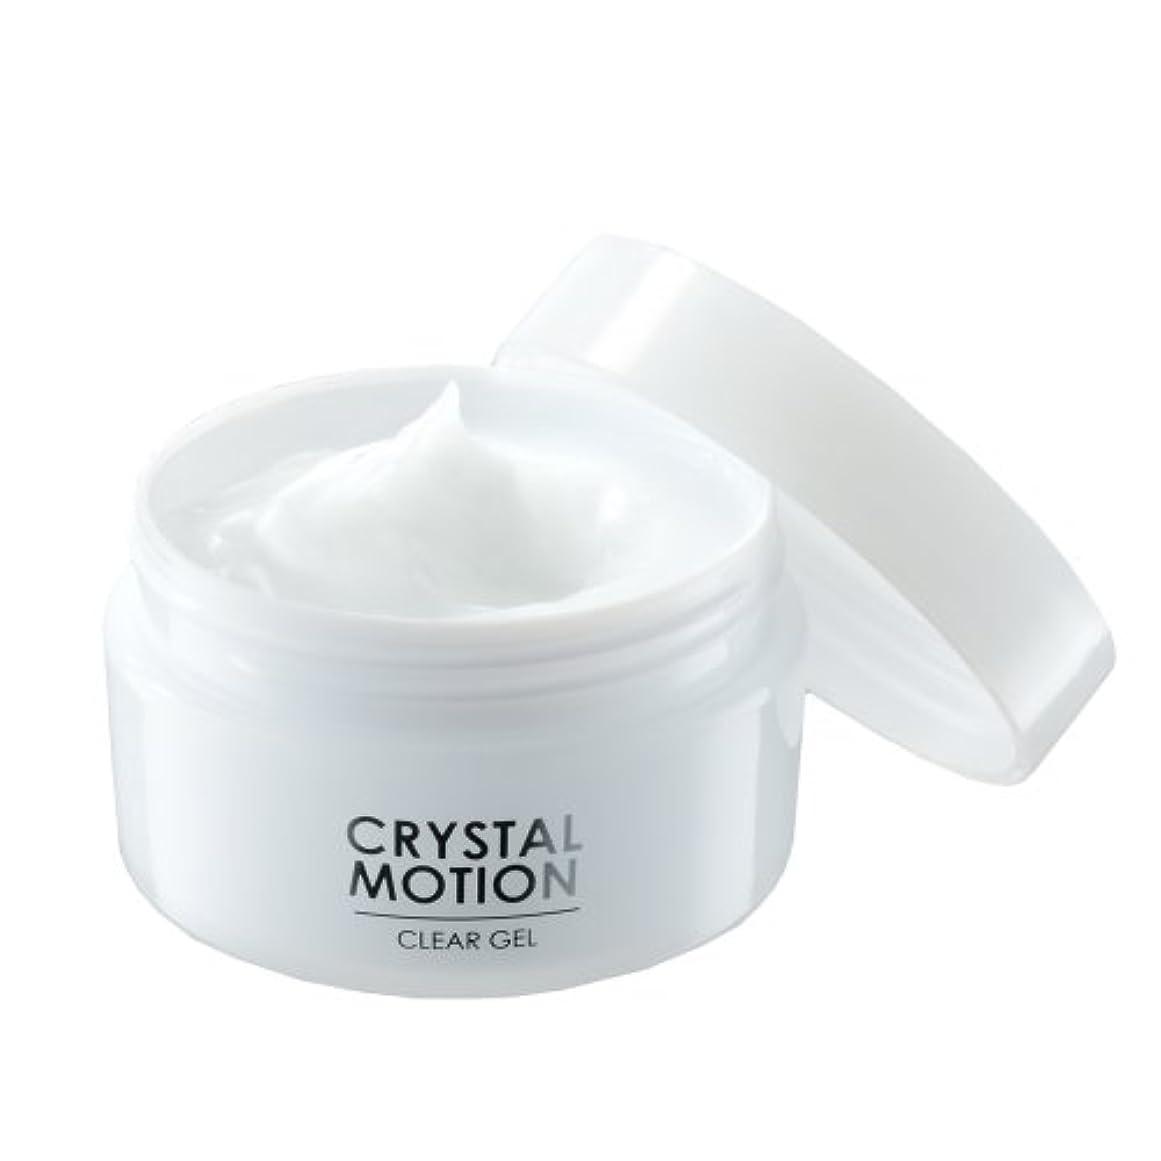 帽子顕微鏡式クリスタルモーション CRYSTAL MOTION 薬用ニキビケアジェル 保湿 乾燥 美白 美肌 ニキビ 予防 1ヶ月分 60g